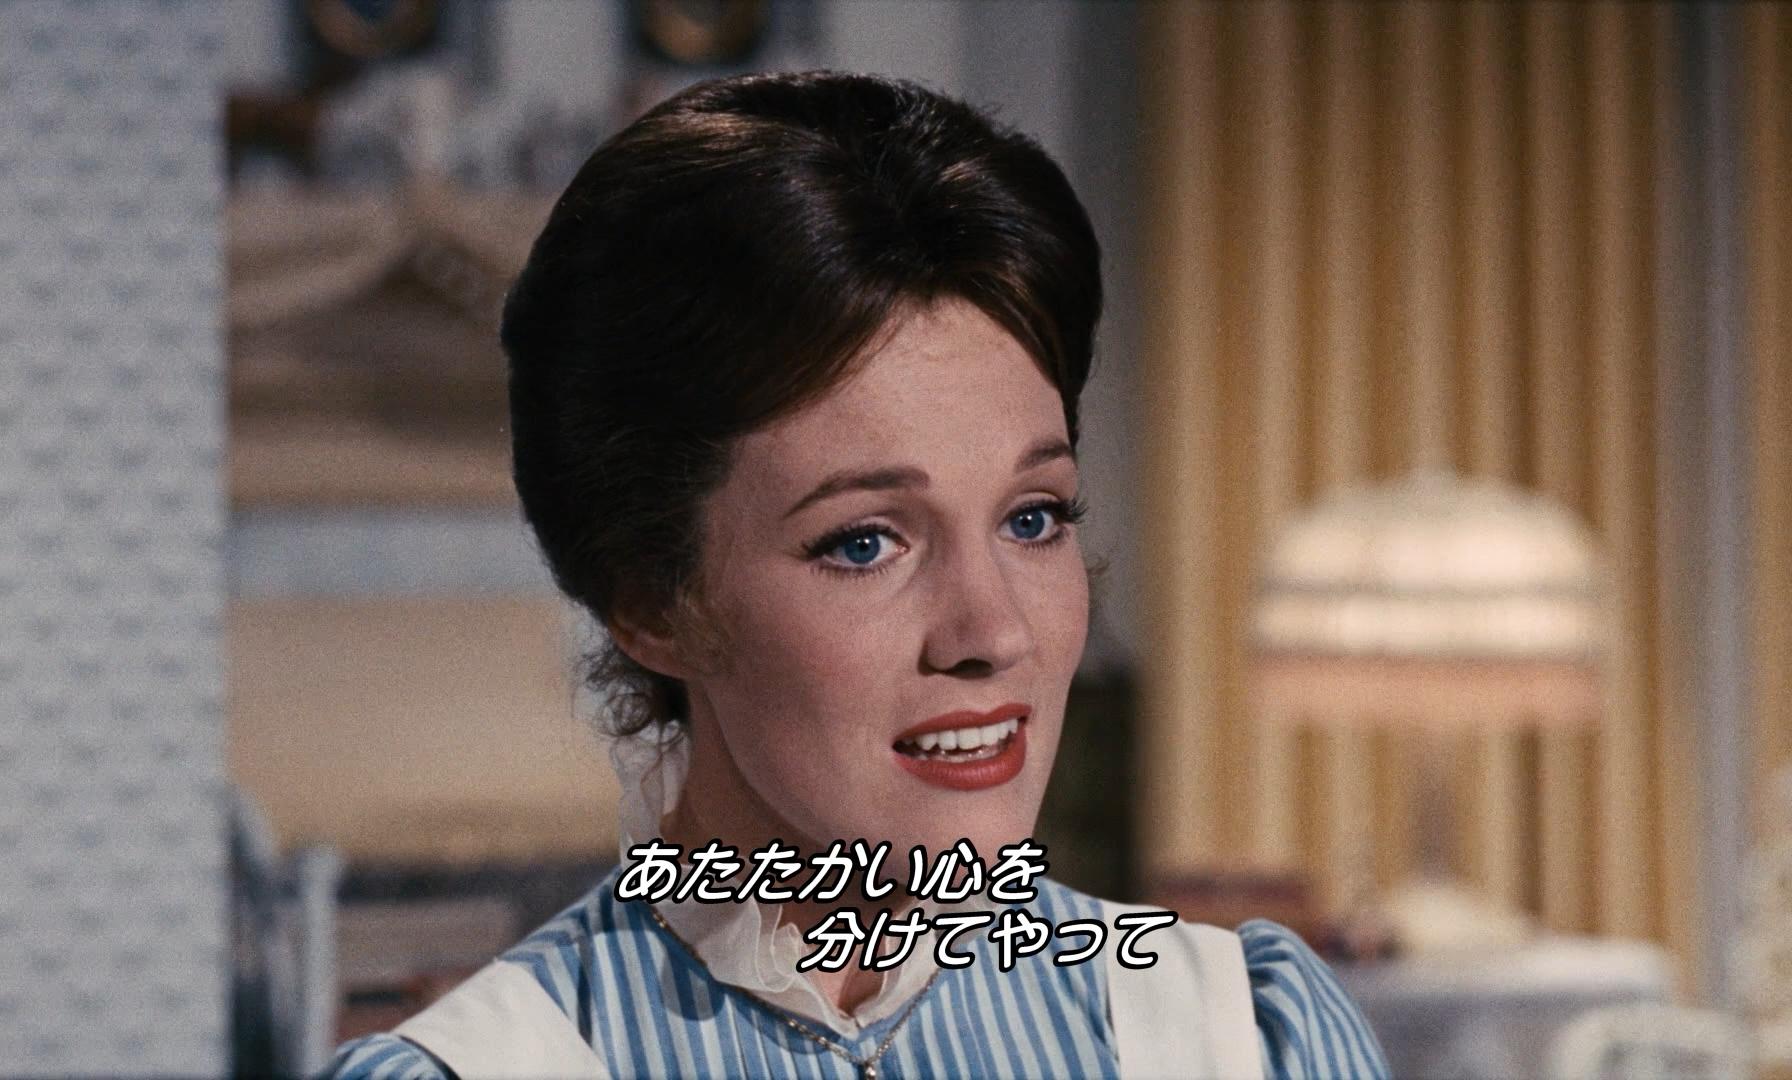 『メリーポピンズ』あたたかい心を分けてあげて